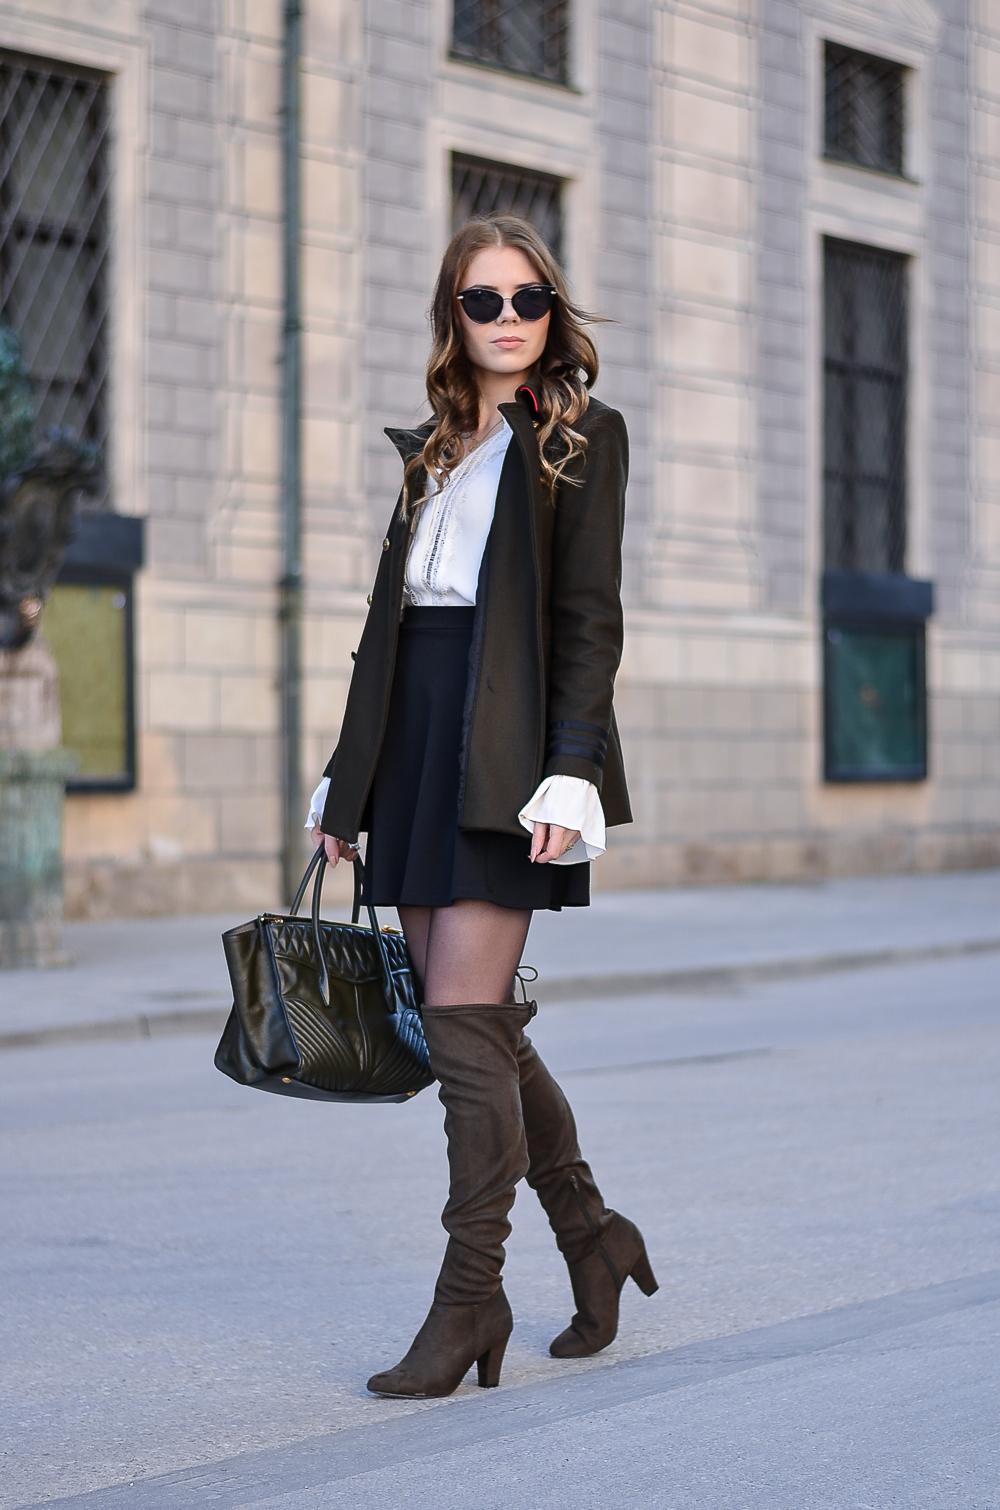 Military Jacke Zara-khaki-NUR DIE-Strumpfhose-Elegant & Sicher 20 den schwarz-weiße Bluse-Trompetenärmel-Overknees-Miu Miu Bag-Sonnenbrille Asos